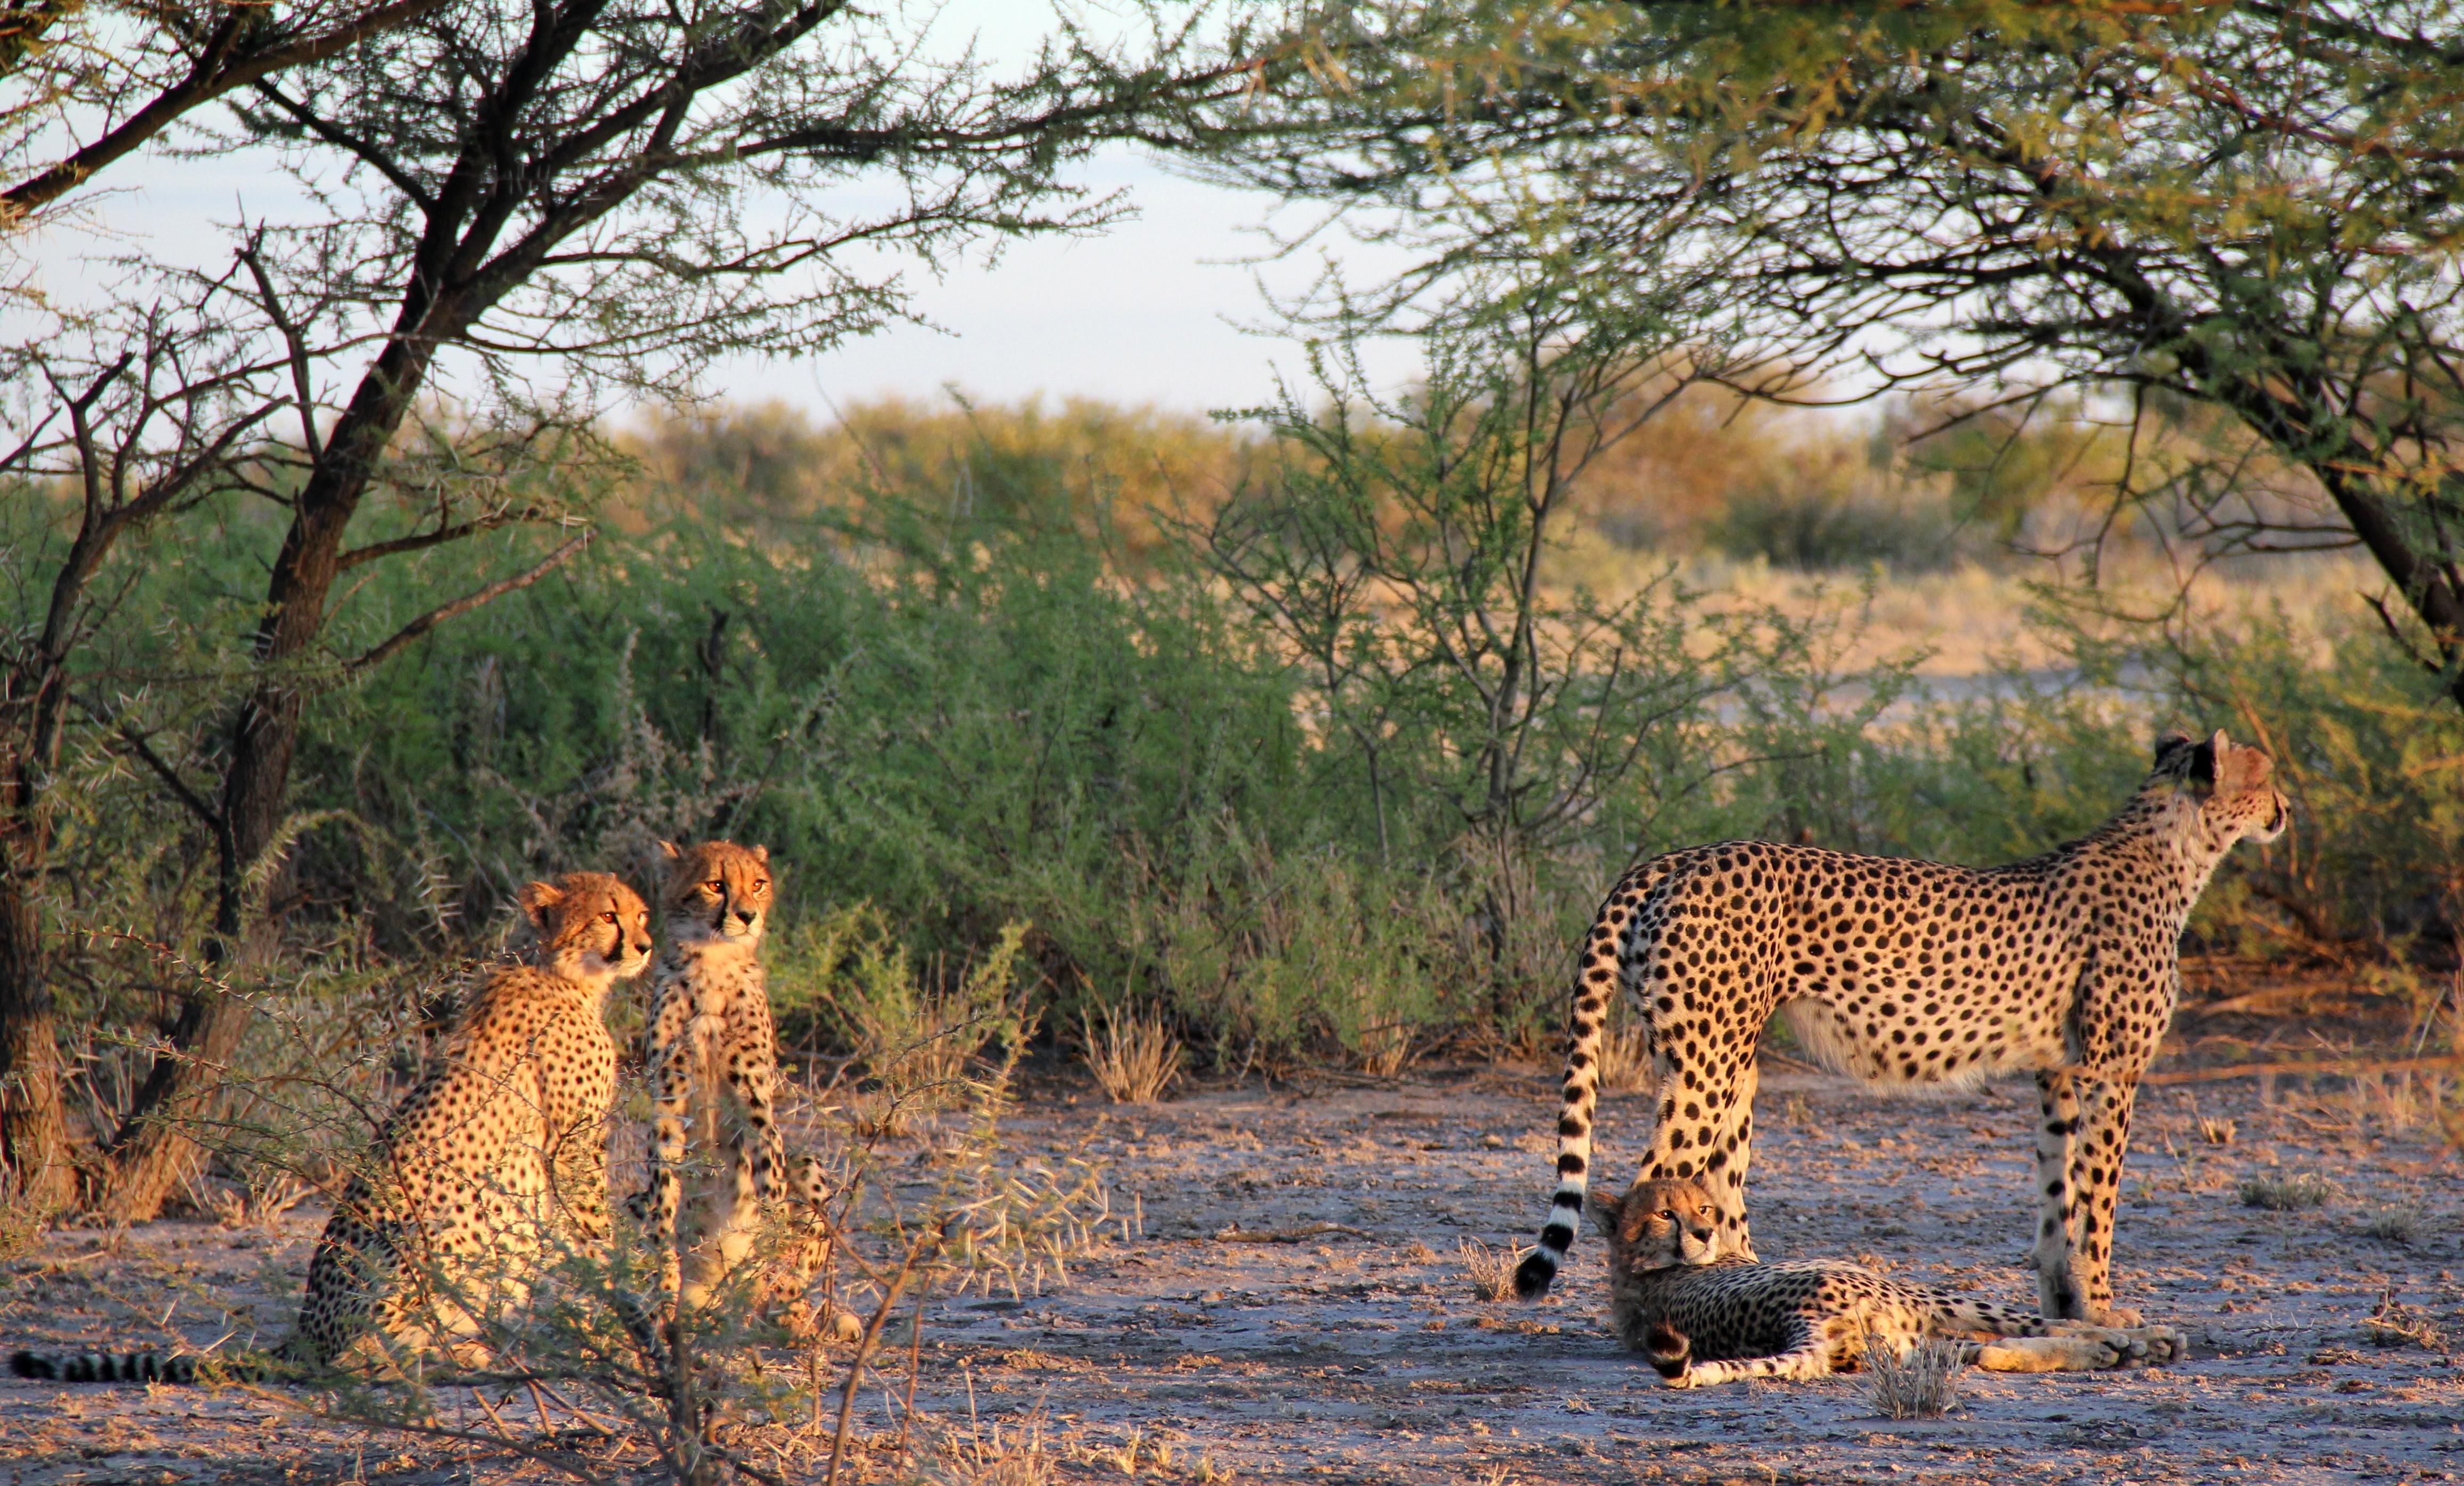 Quatre guépards se reposent au coucher du soleil sur les terres du central kalahari